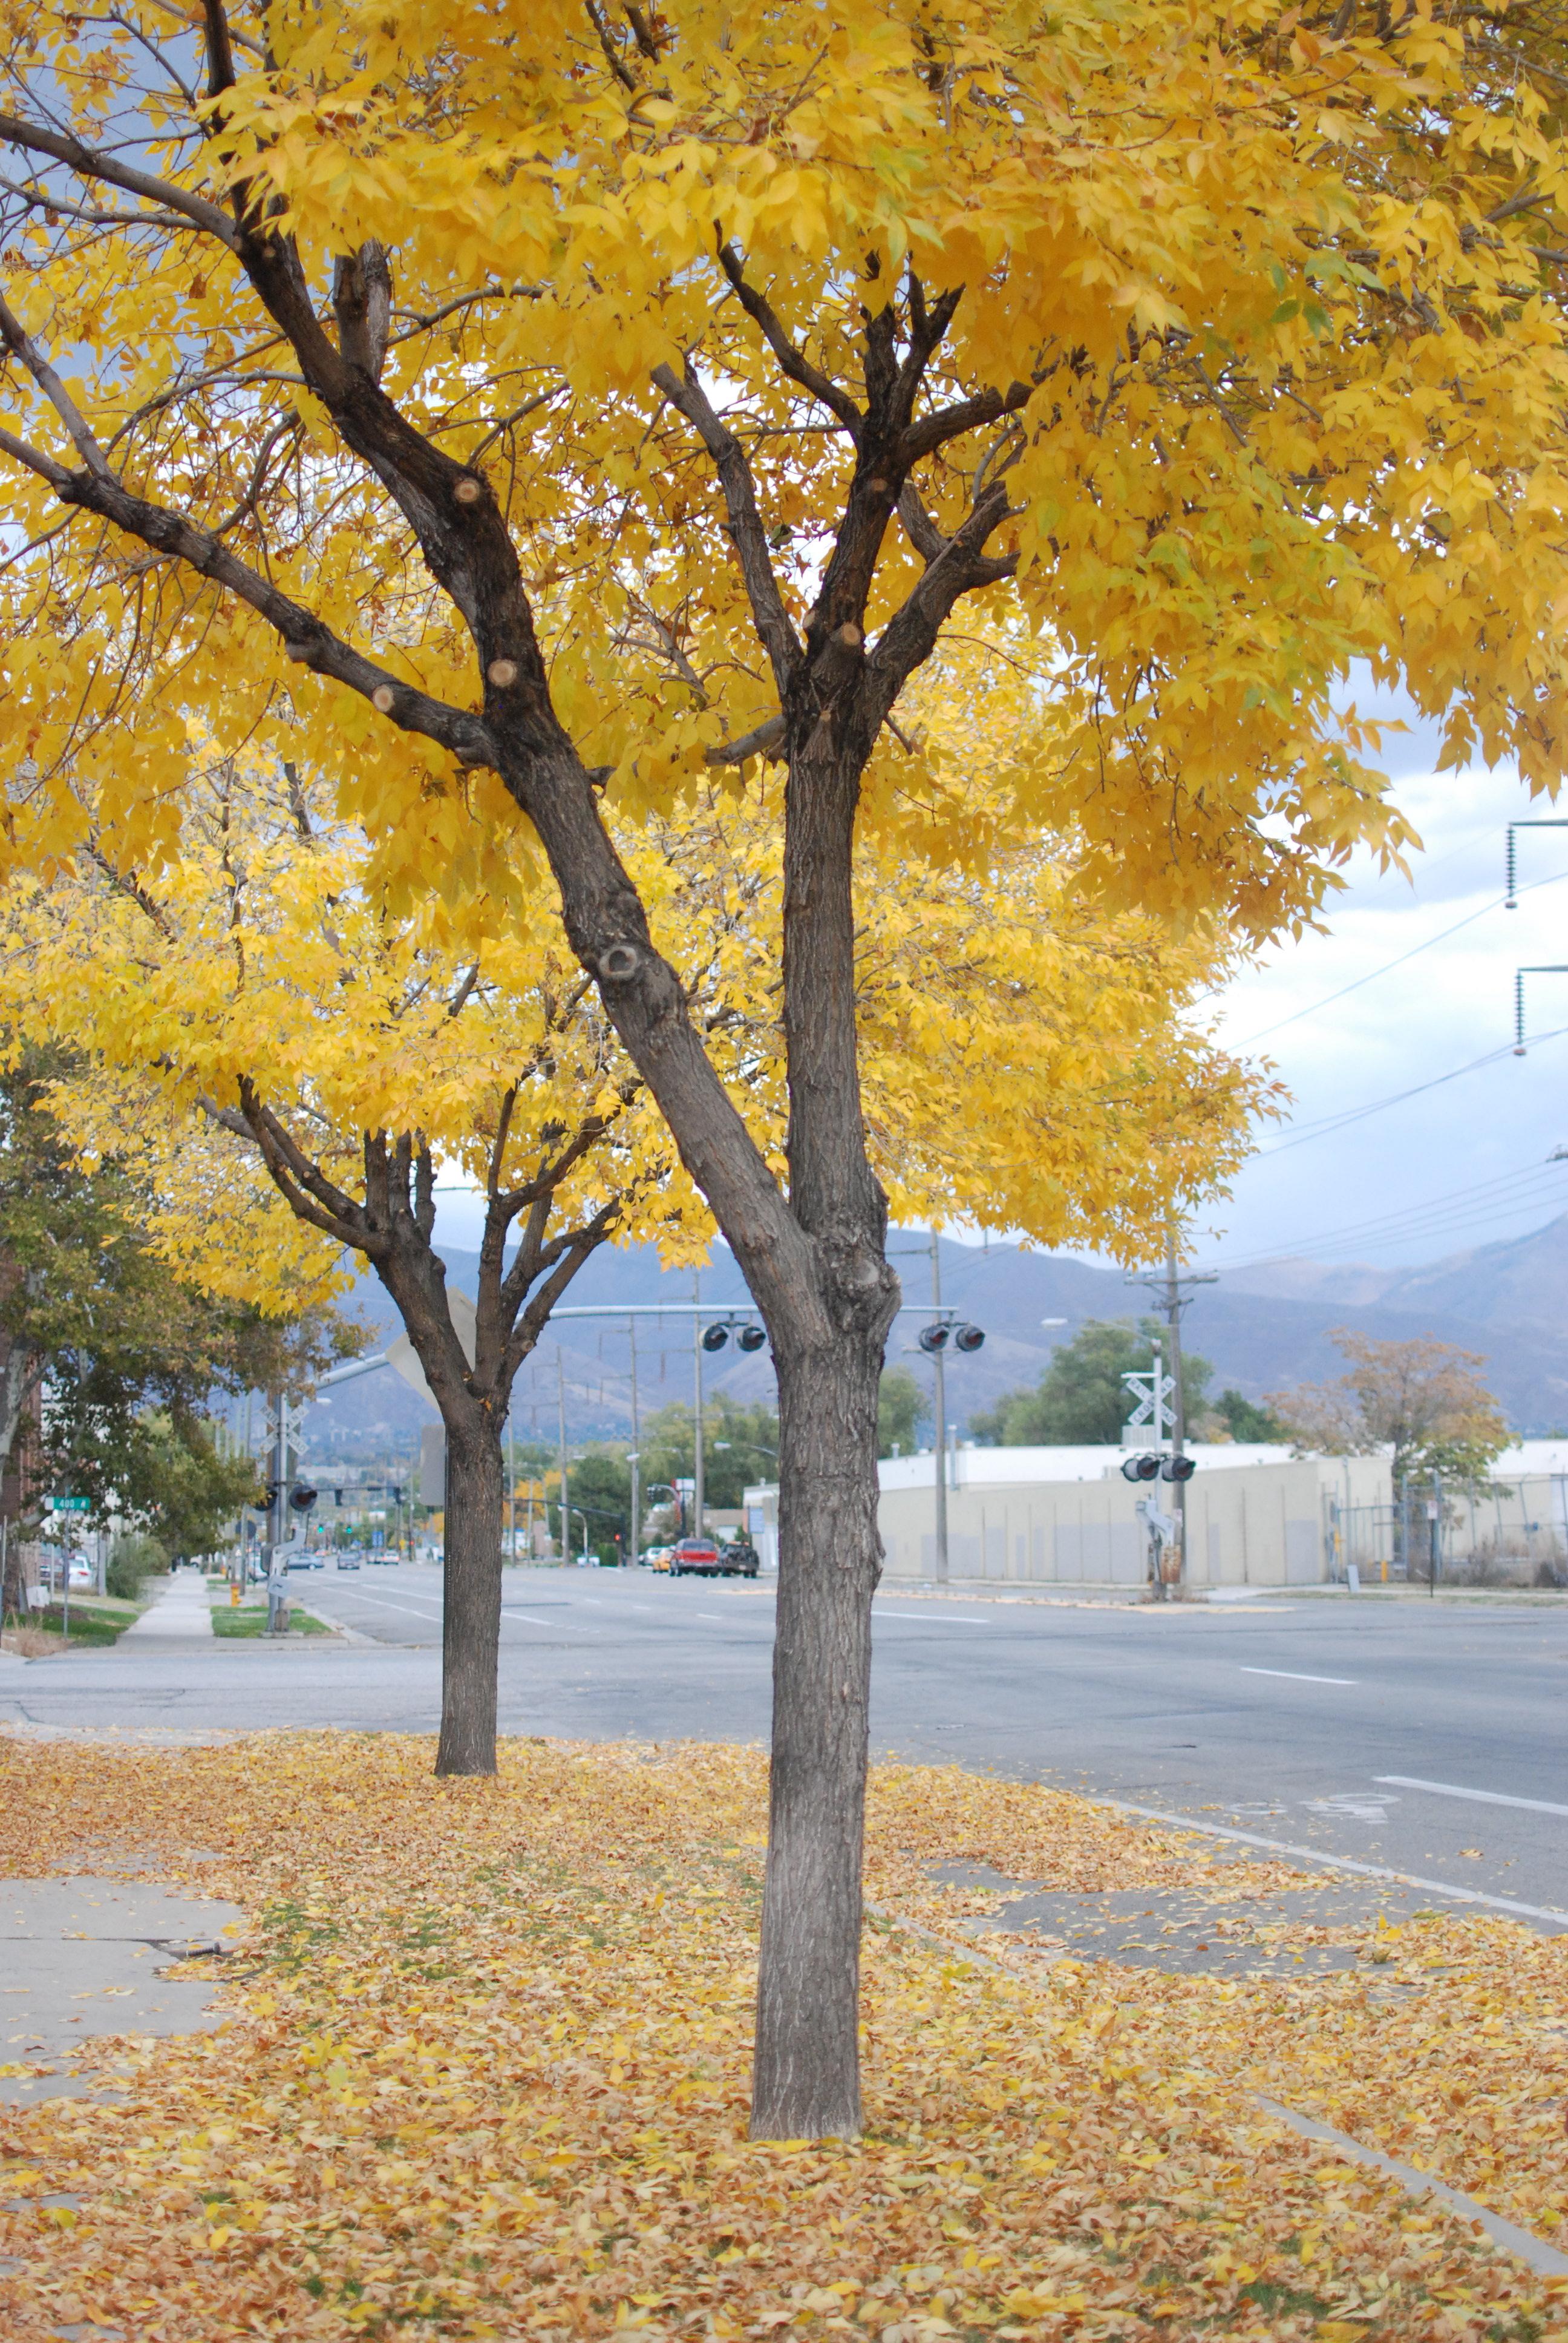 Oct 22, 2012 33